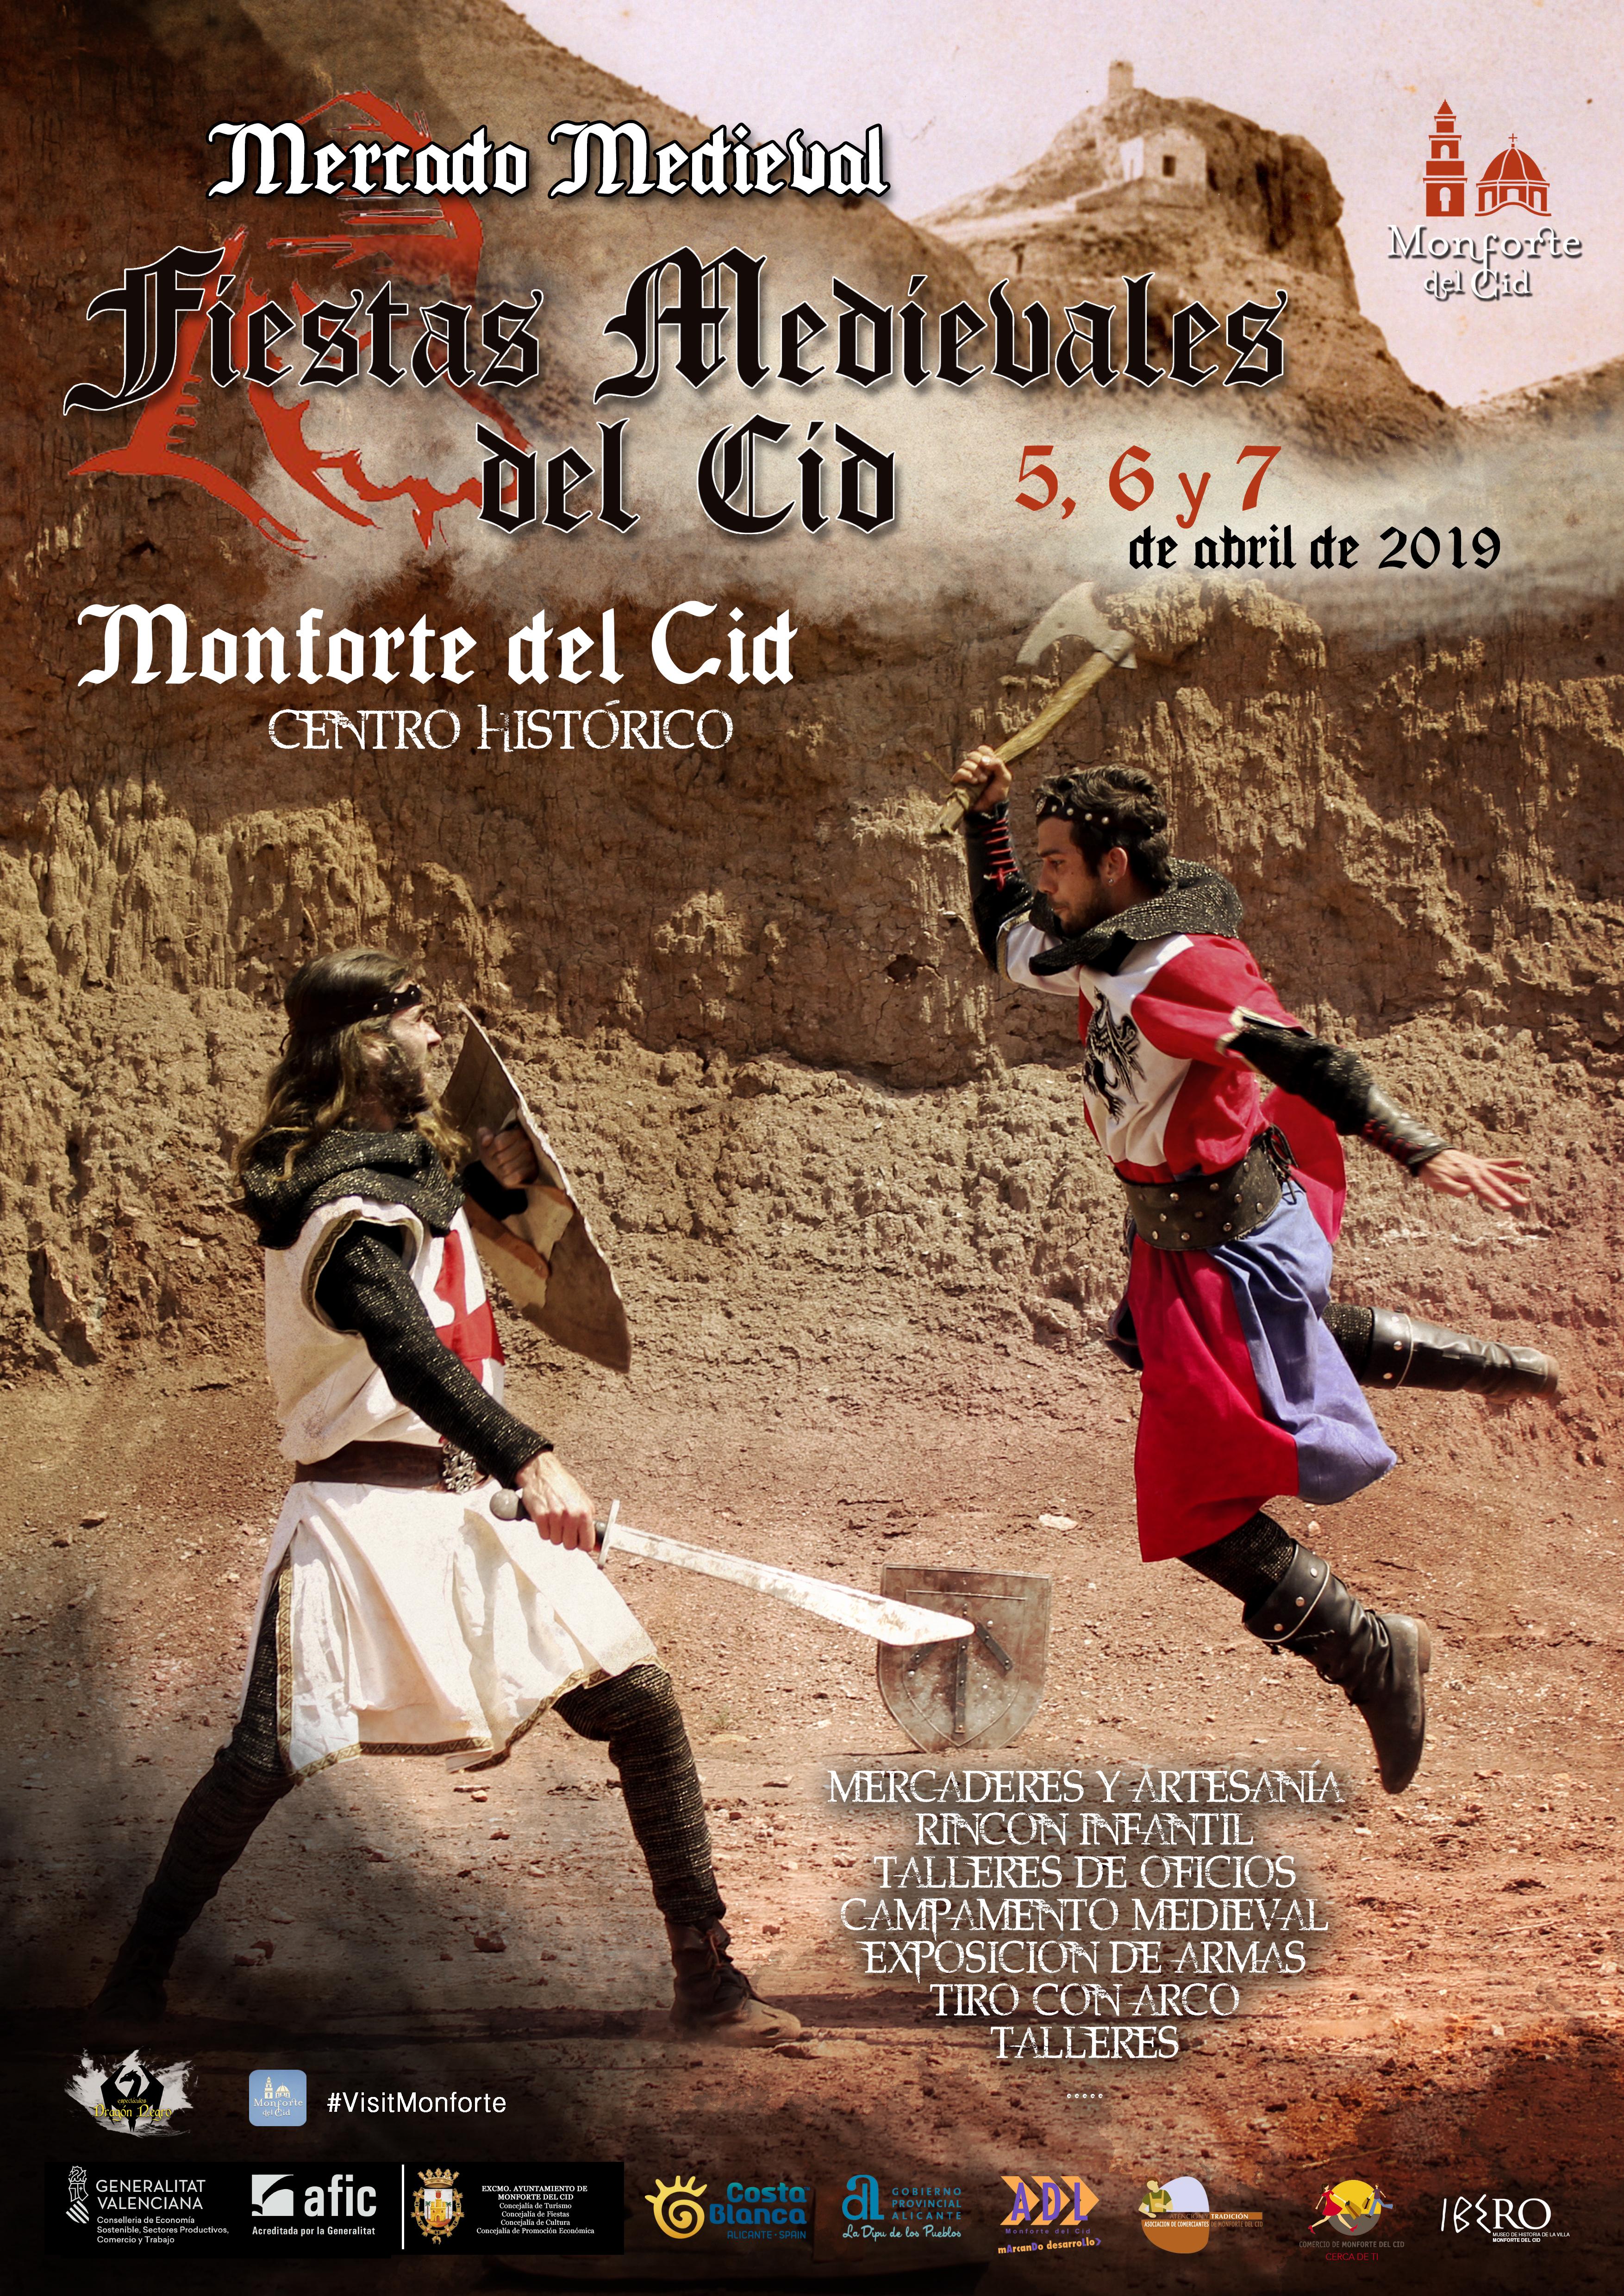 Festes Medievals del Cid